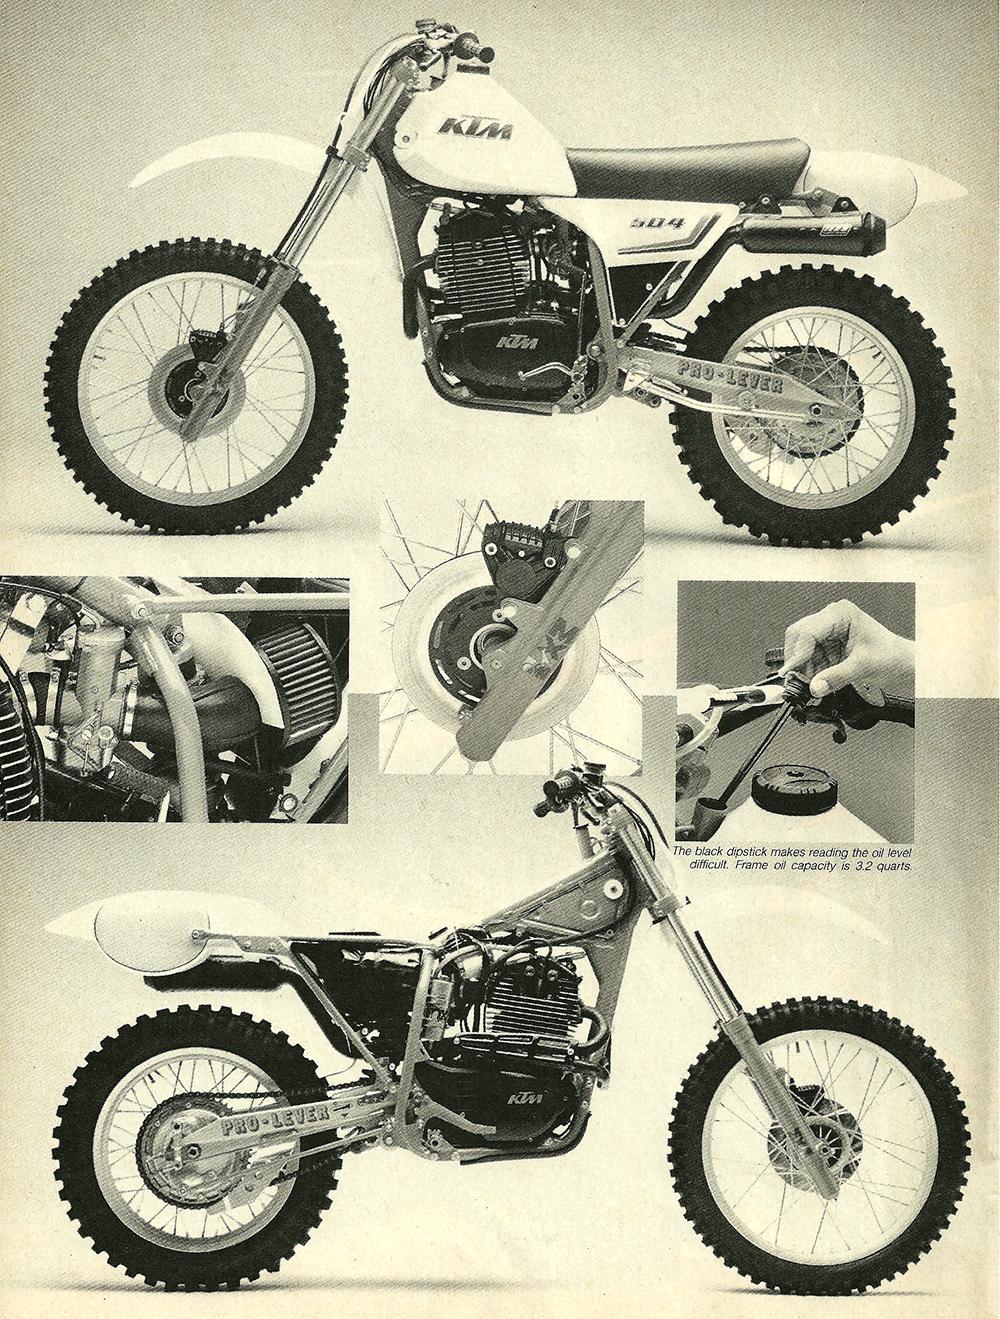 1983 KTM 504 MXC road test 3.jpg